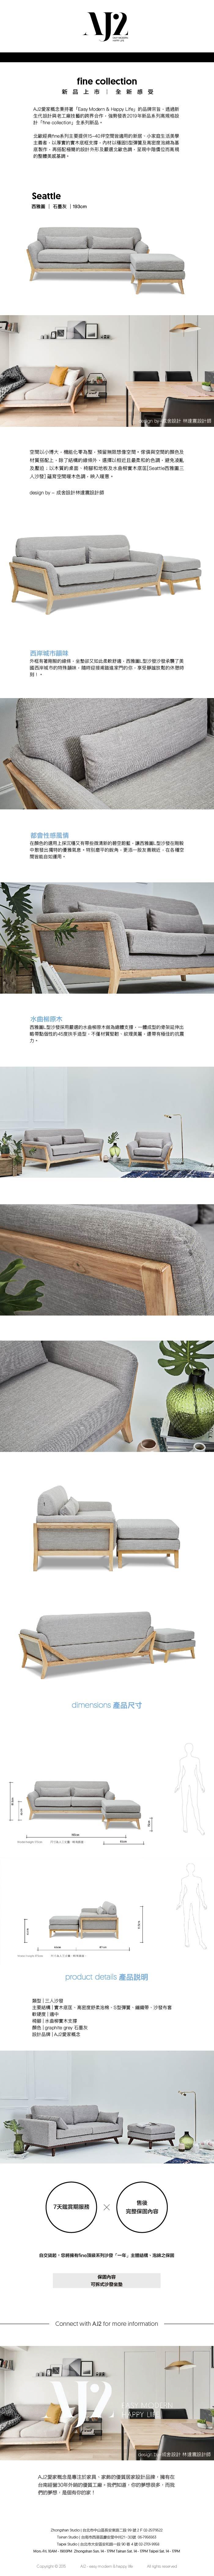 (複製)AJ2|西雅圖|石墨灰|三人座沙發